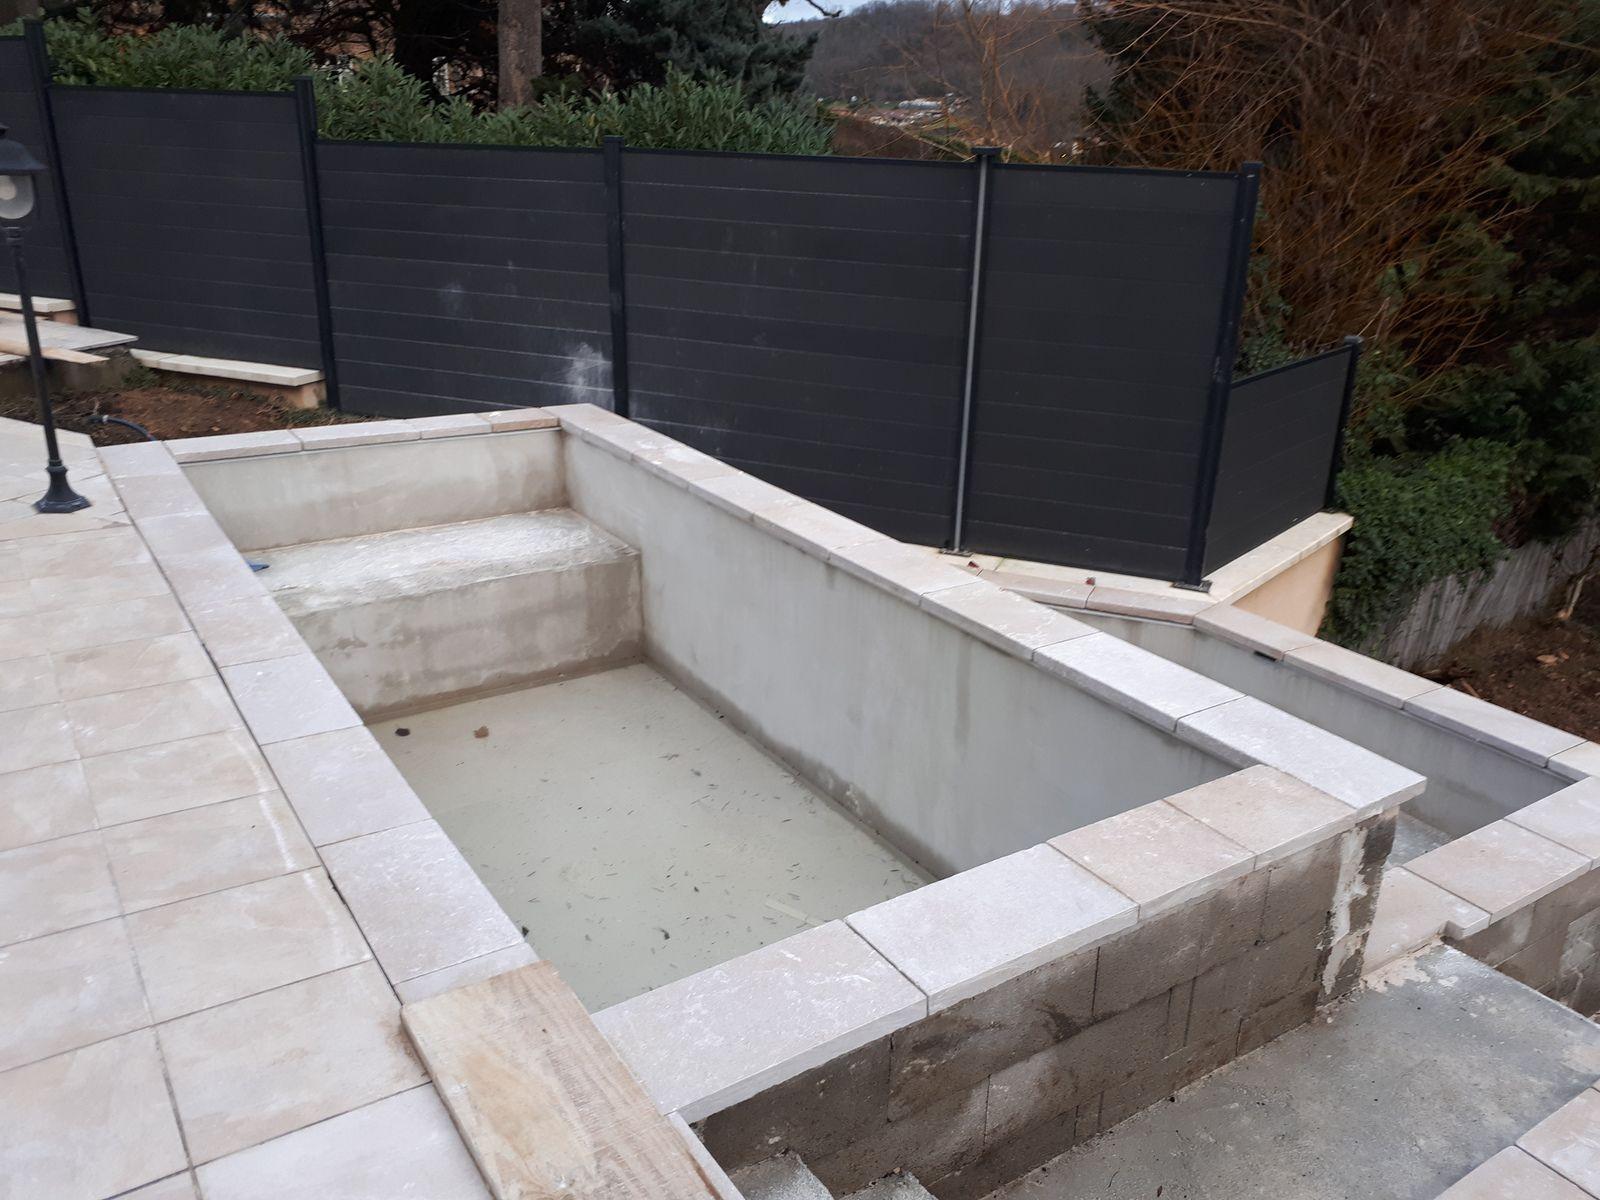 construction du bassin en beton www